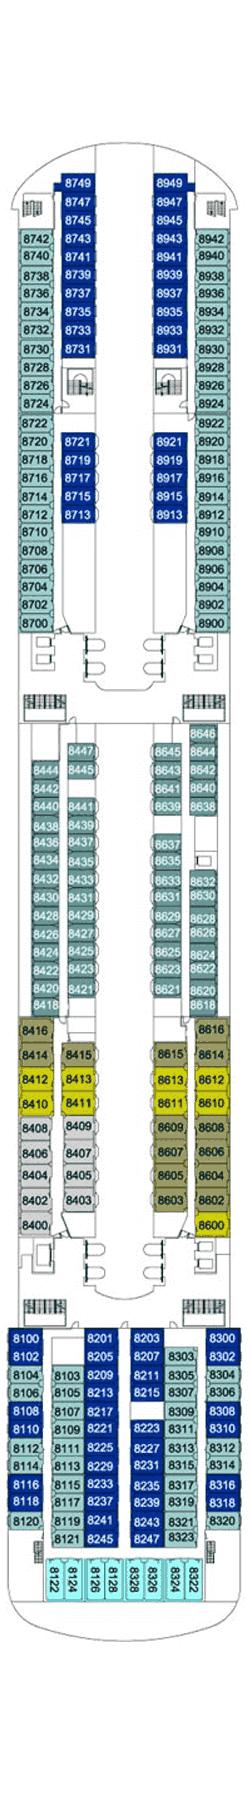 Color Line Cruises Kreuzfahrten, Bewertungen und Deckplan